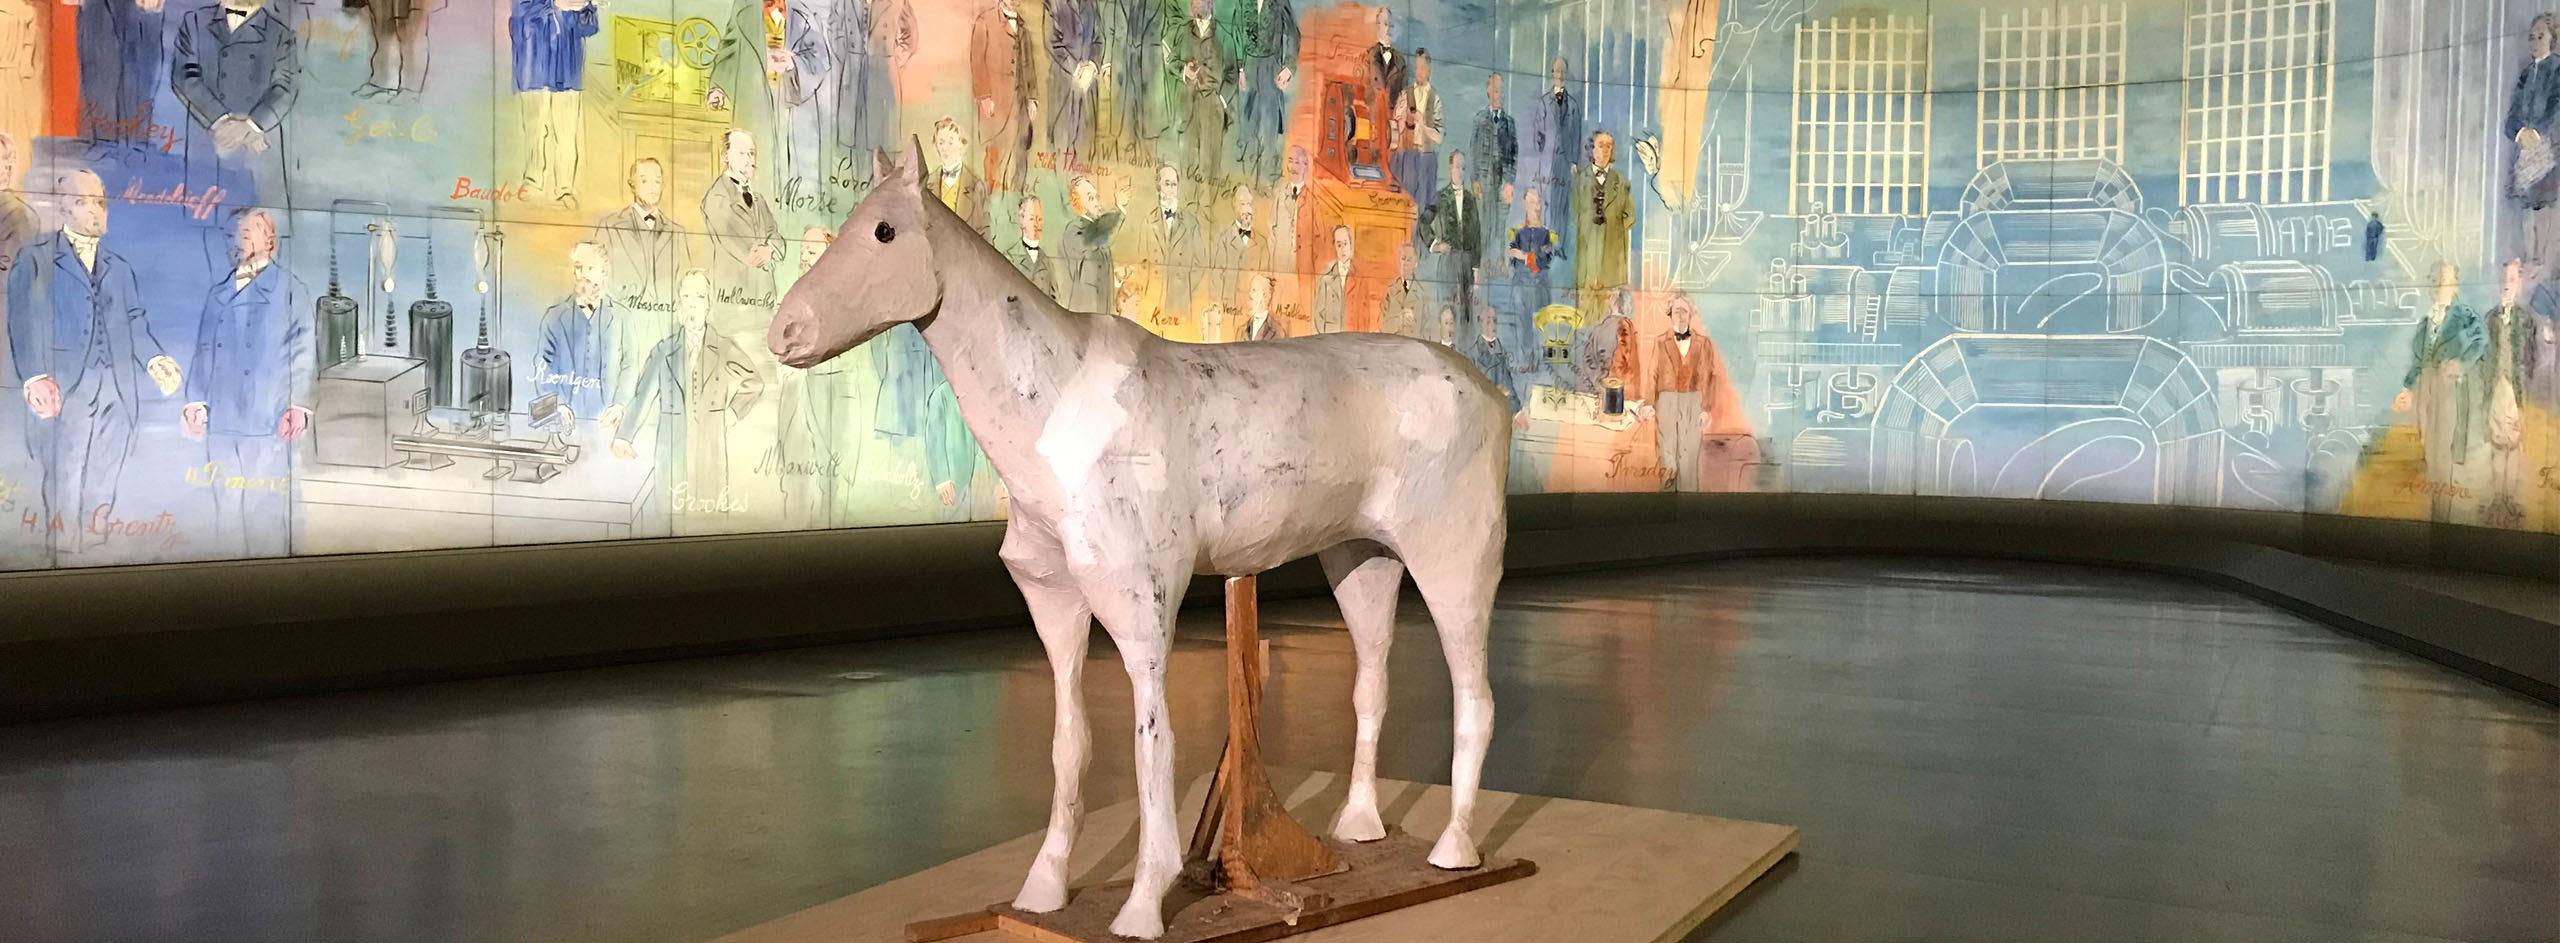 La fée électricité, Raoul Dufy, Musée d'art Moderne de la ville de Paris